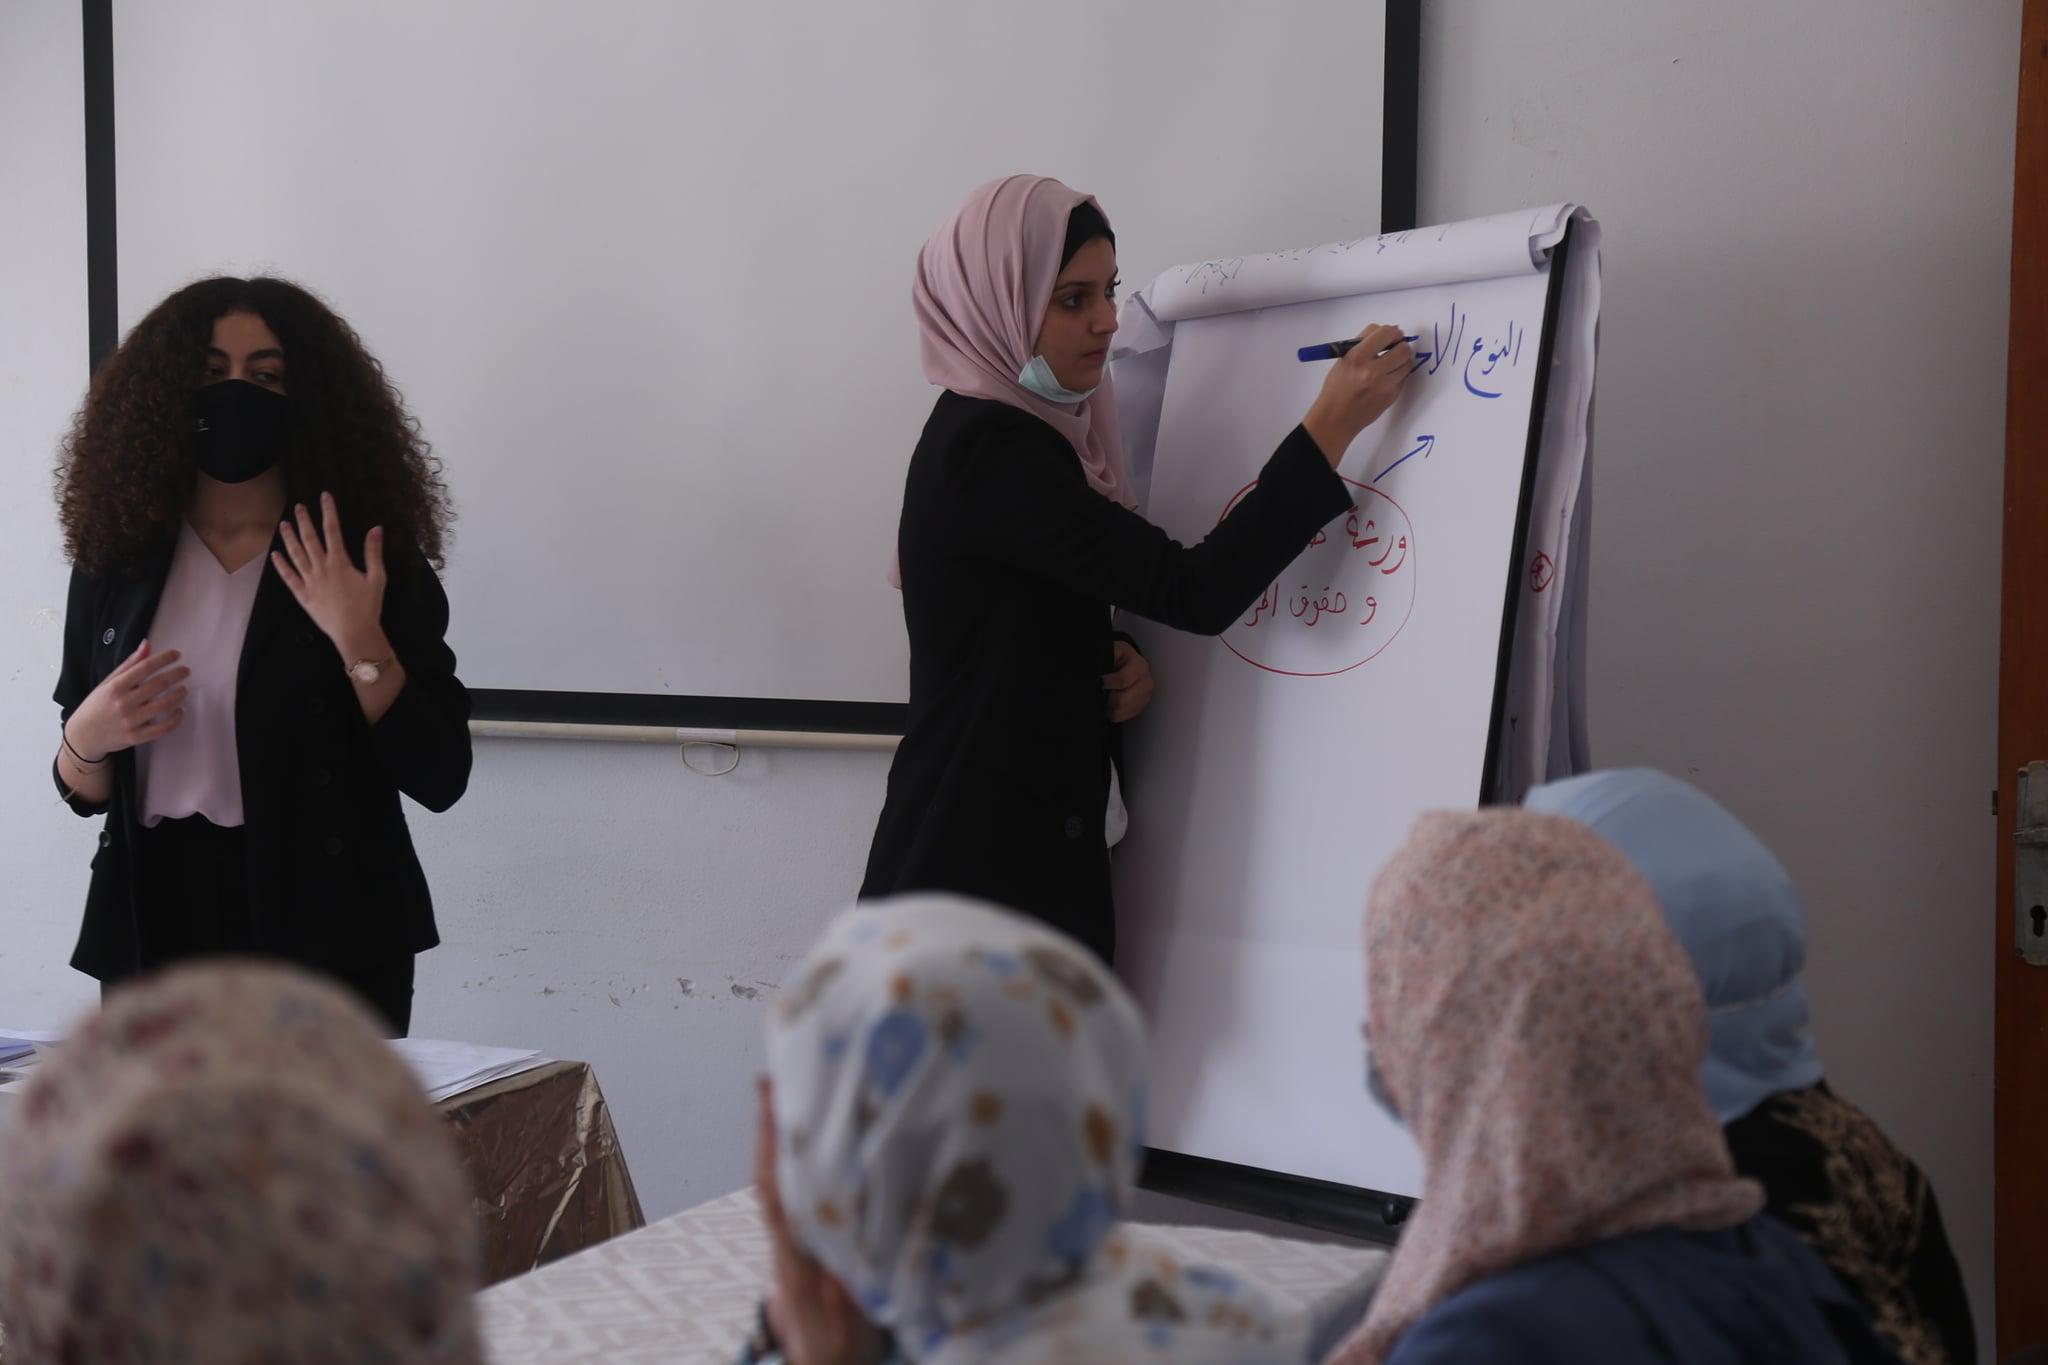 """مركز شؤون المرأة ينفذ (54) ورشة توعوية حول """"حقوق المرأة والجندر""""."""